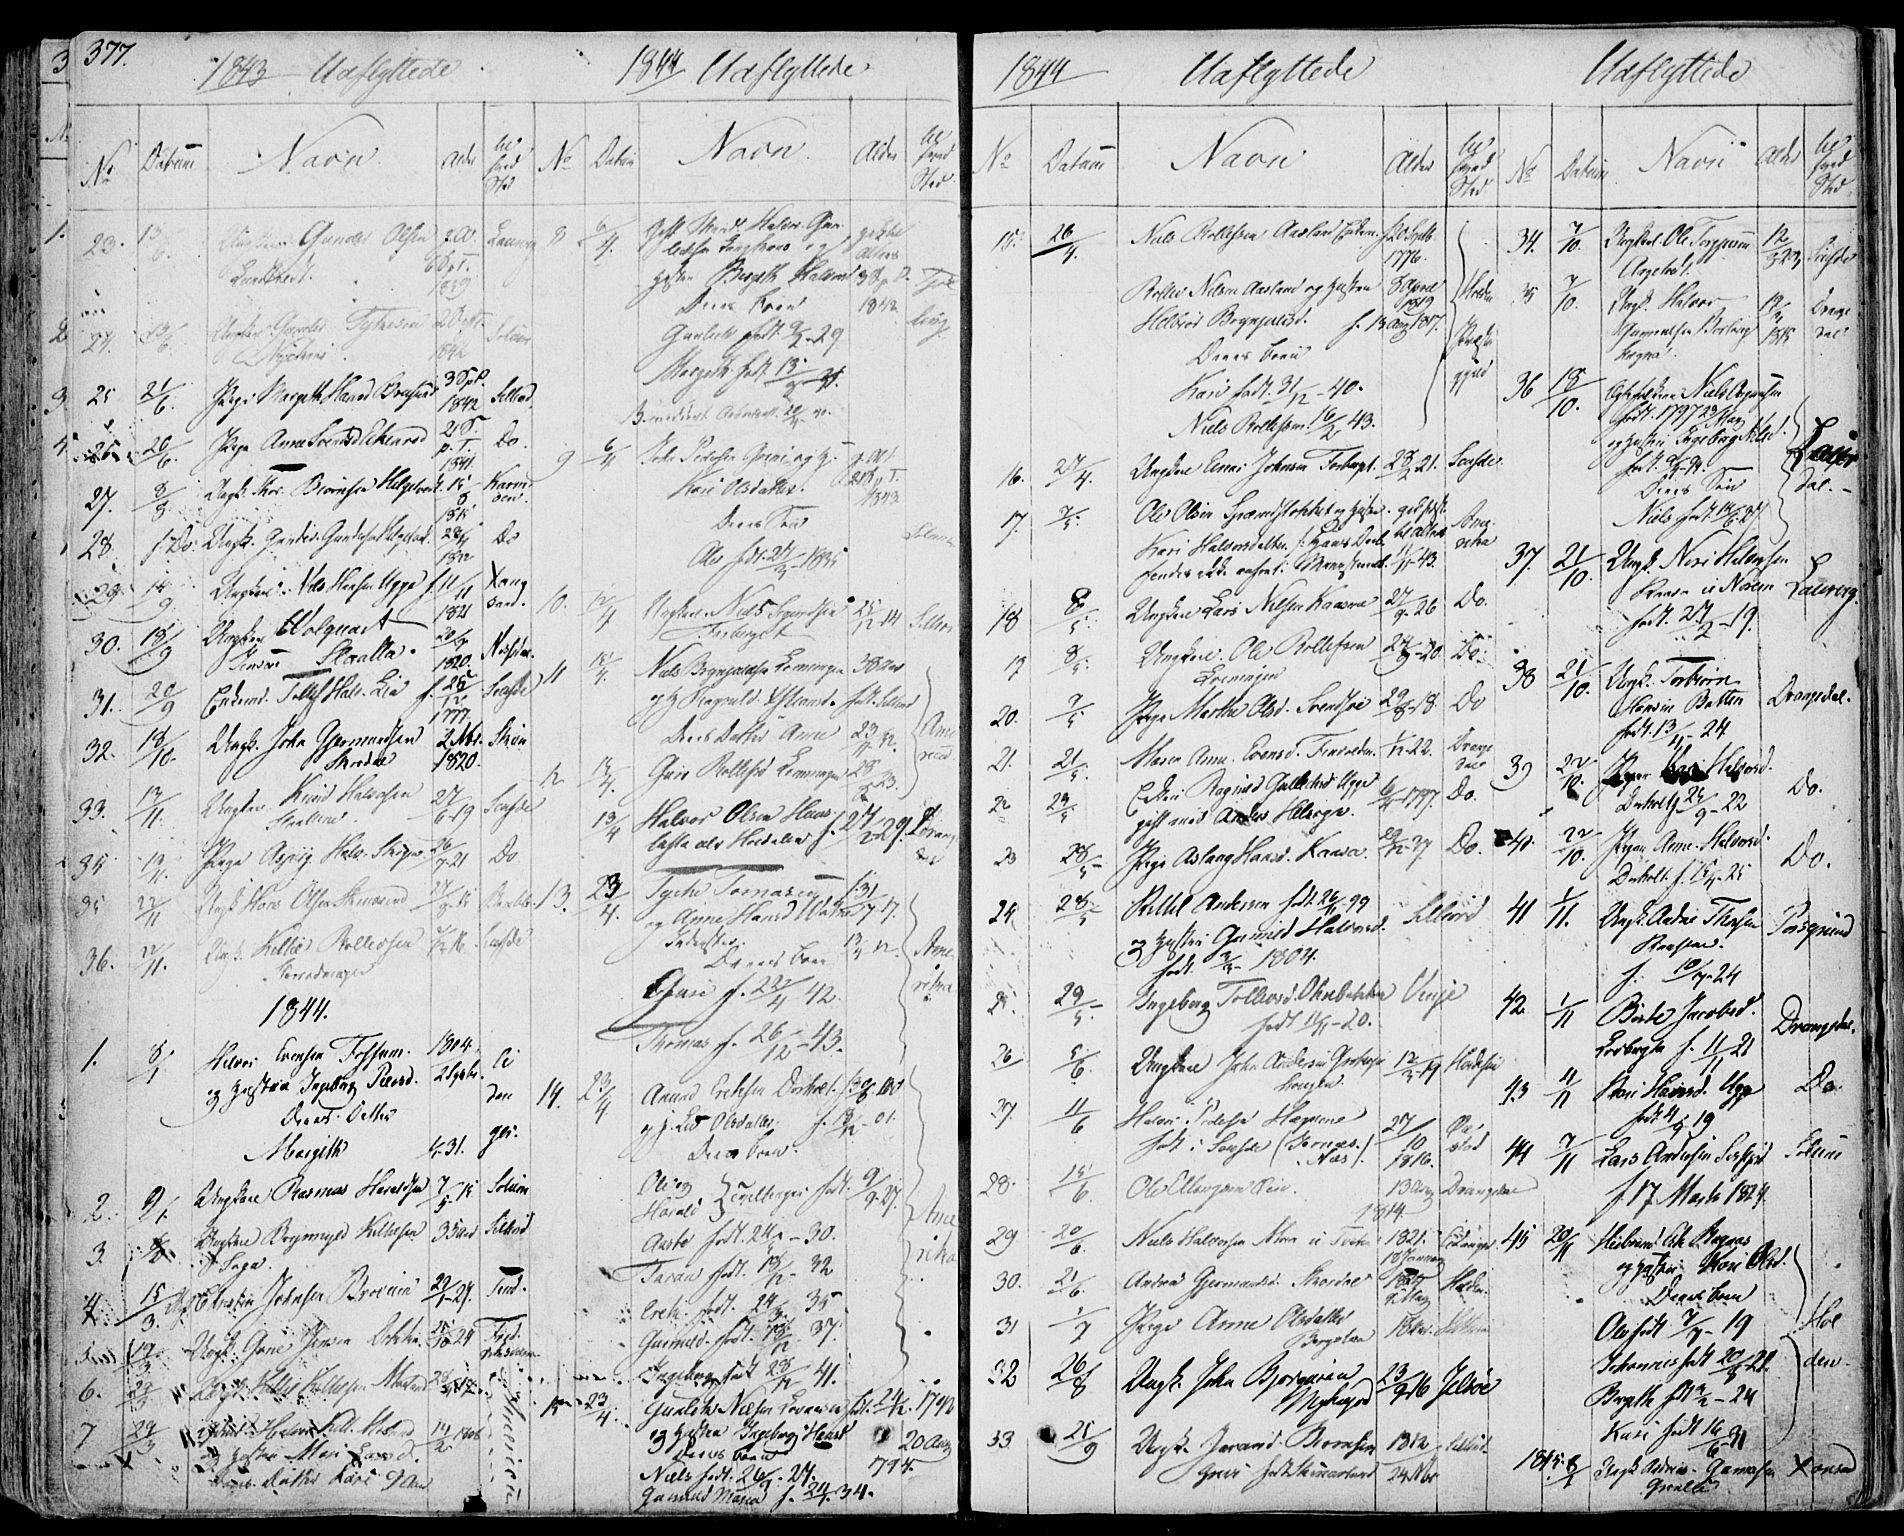 SAKO, Bø kirkebøker, F/Fa/L0007: Ministerialbok nr. 7, 1831-1848, s. 377